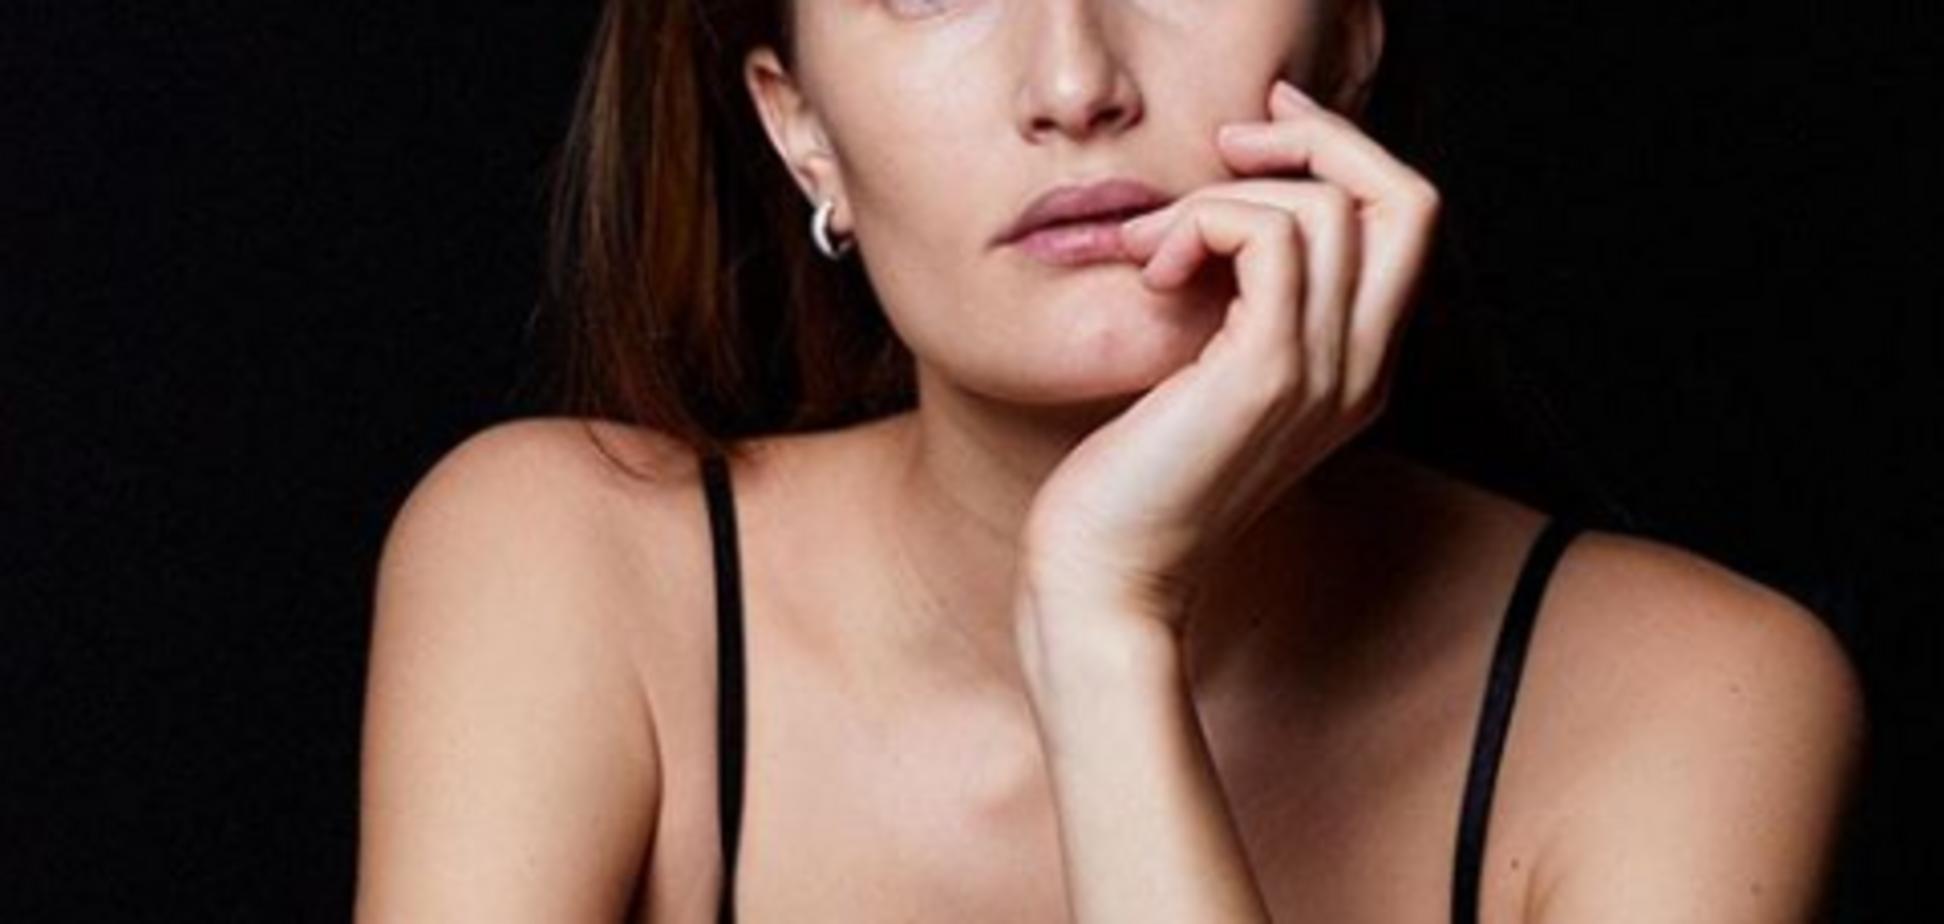 ''Я слышала много критики'': Костромичева откровенно рассказала о диетах и анорексии